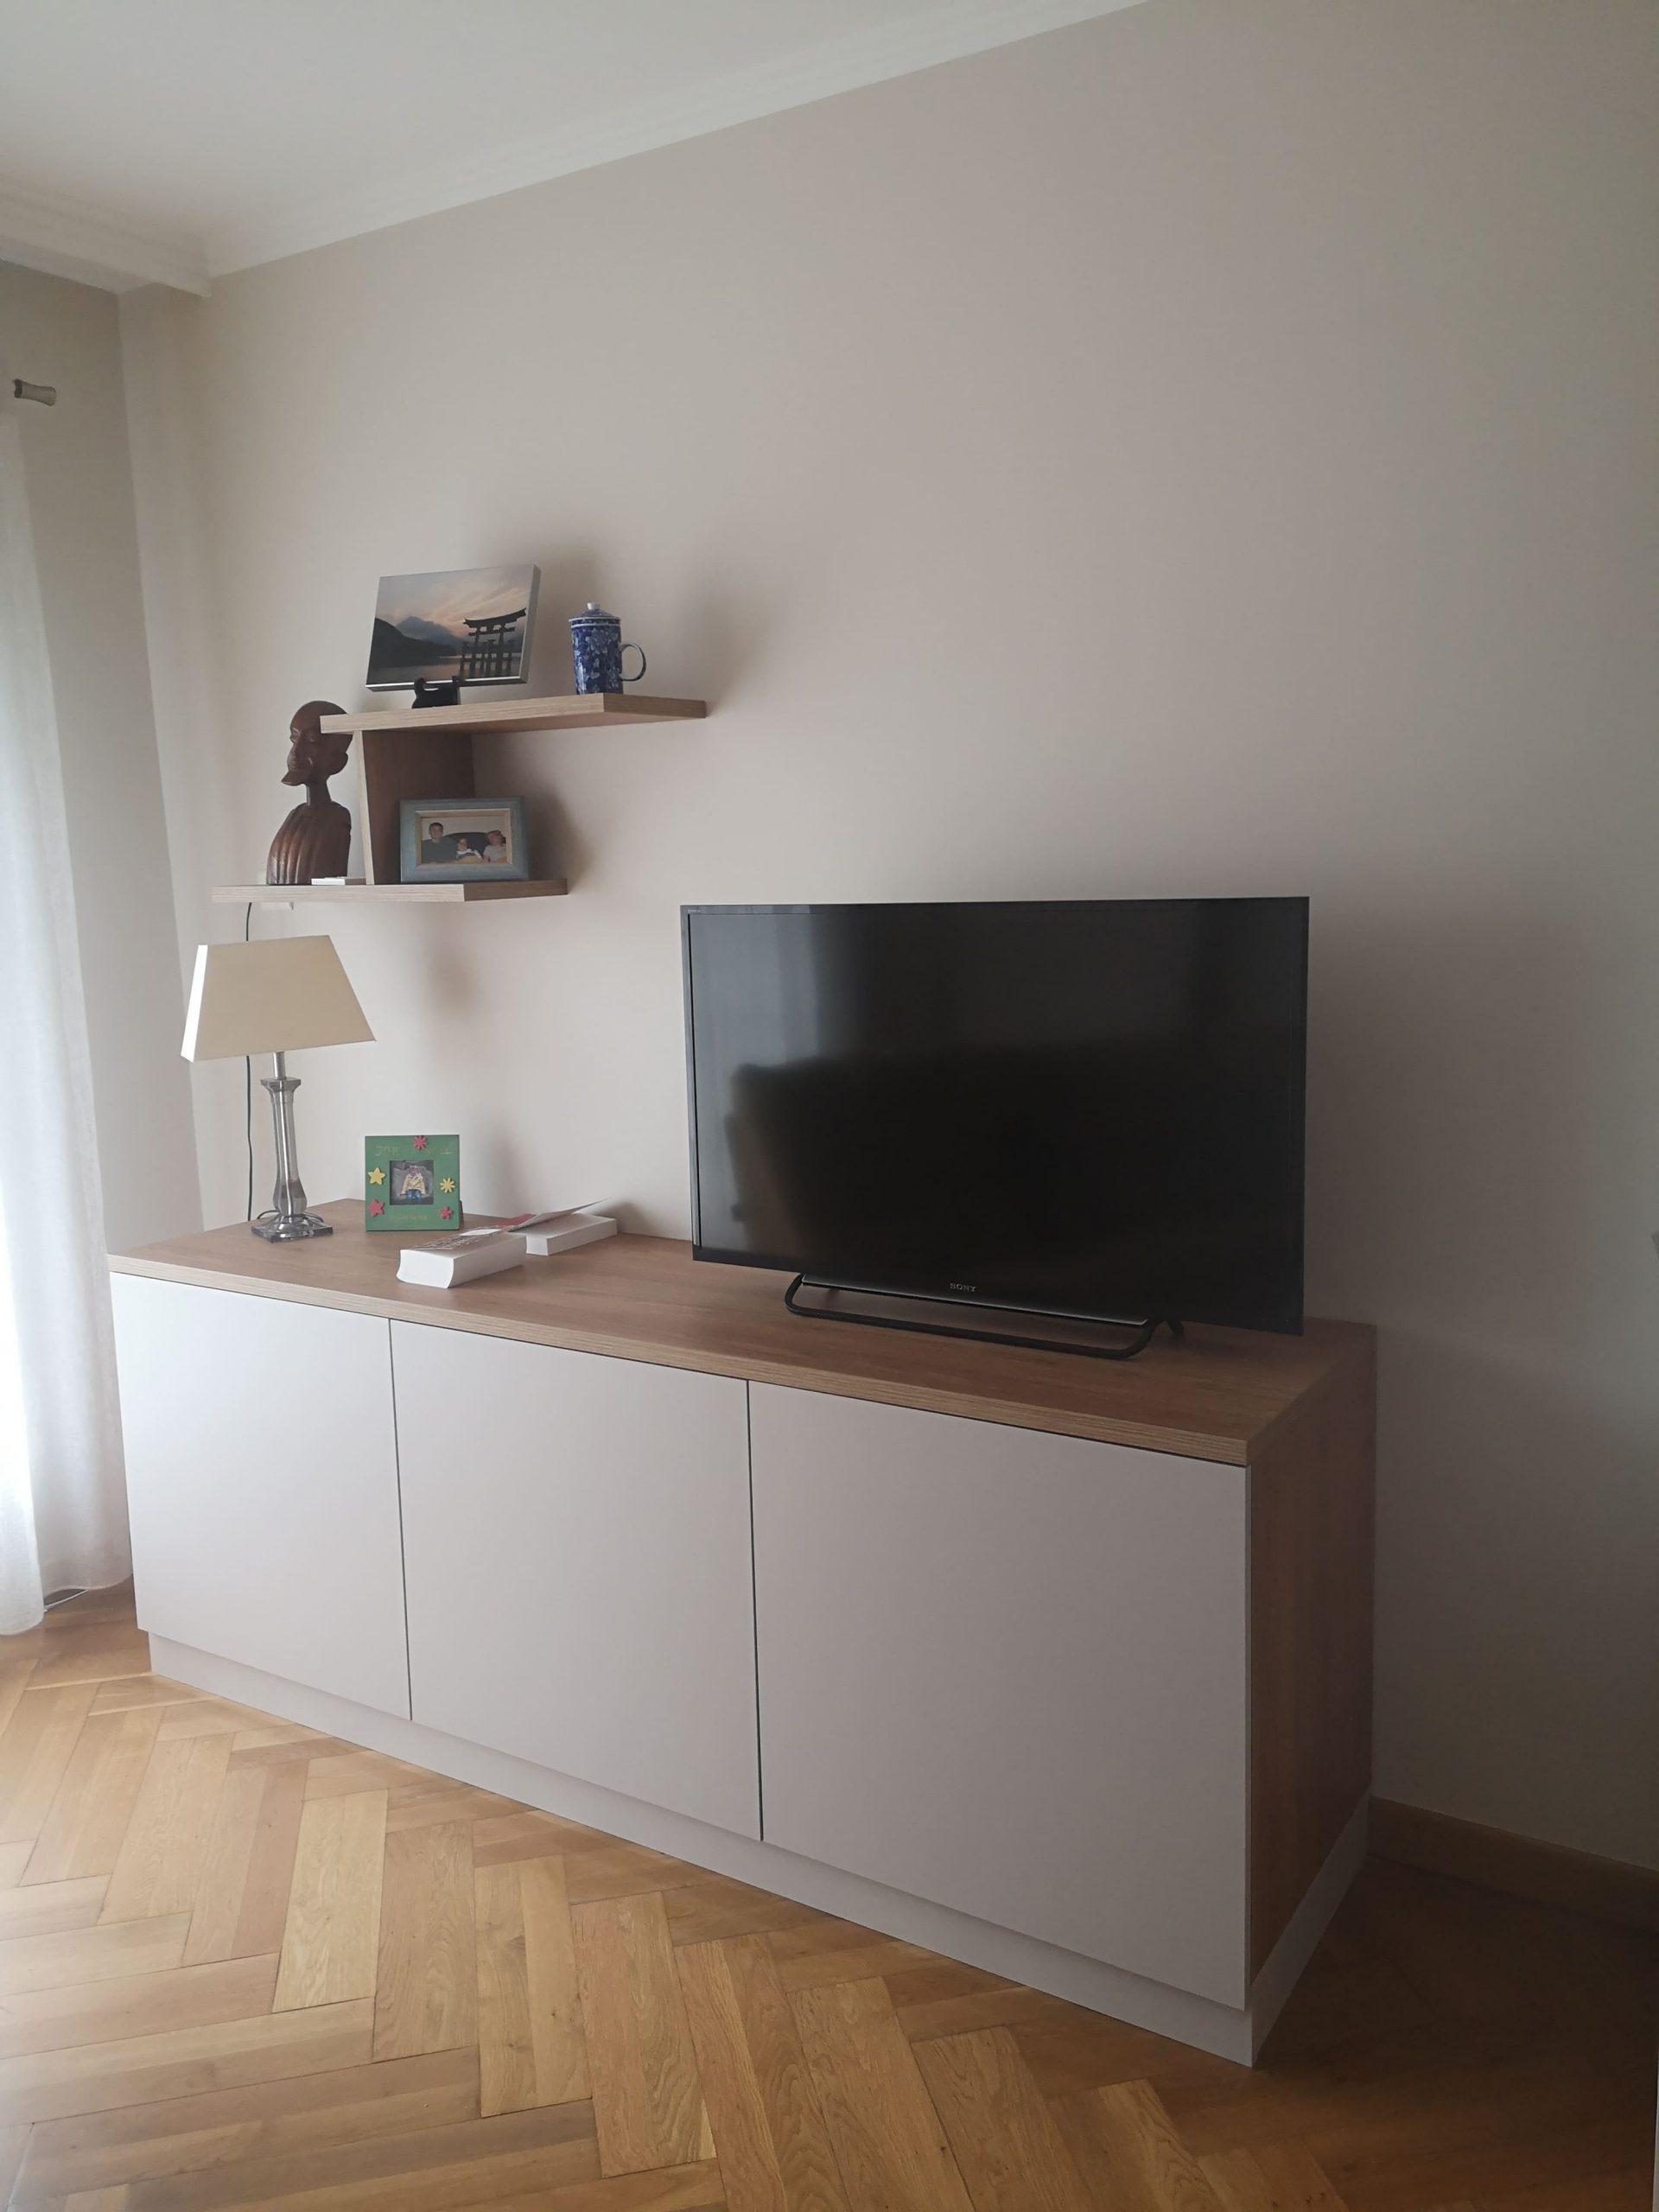 Sur cette dernière photo, on voit la deuxième réalisation : le meuble Tv sur mesure. Il s'agit de deux agencements sur mesure dans un salon.